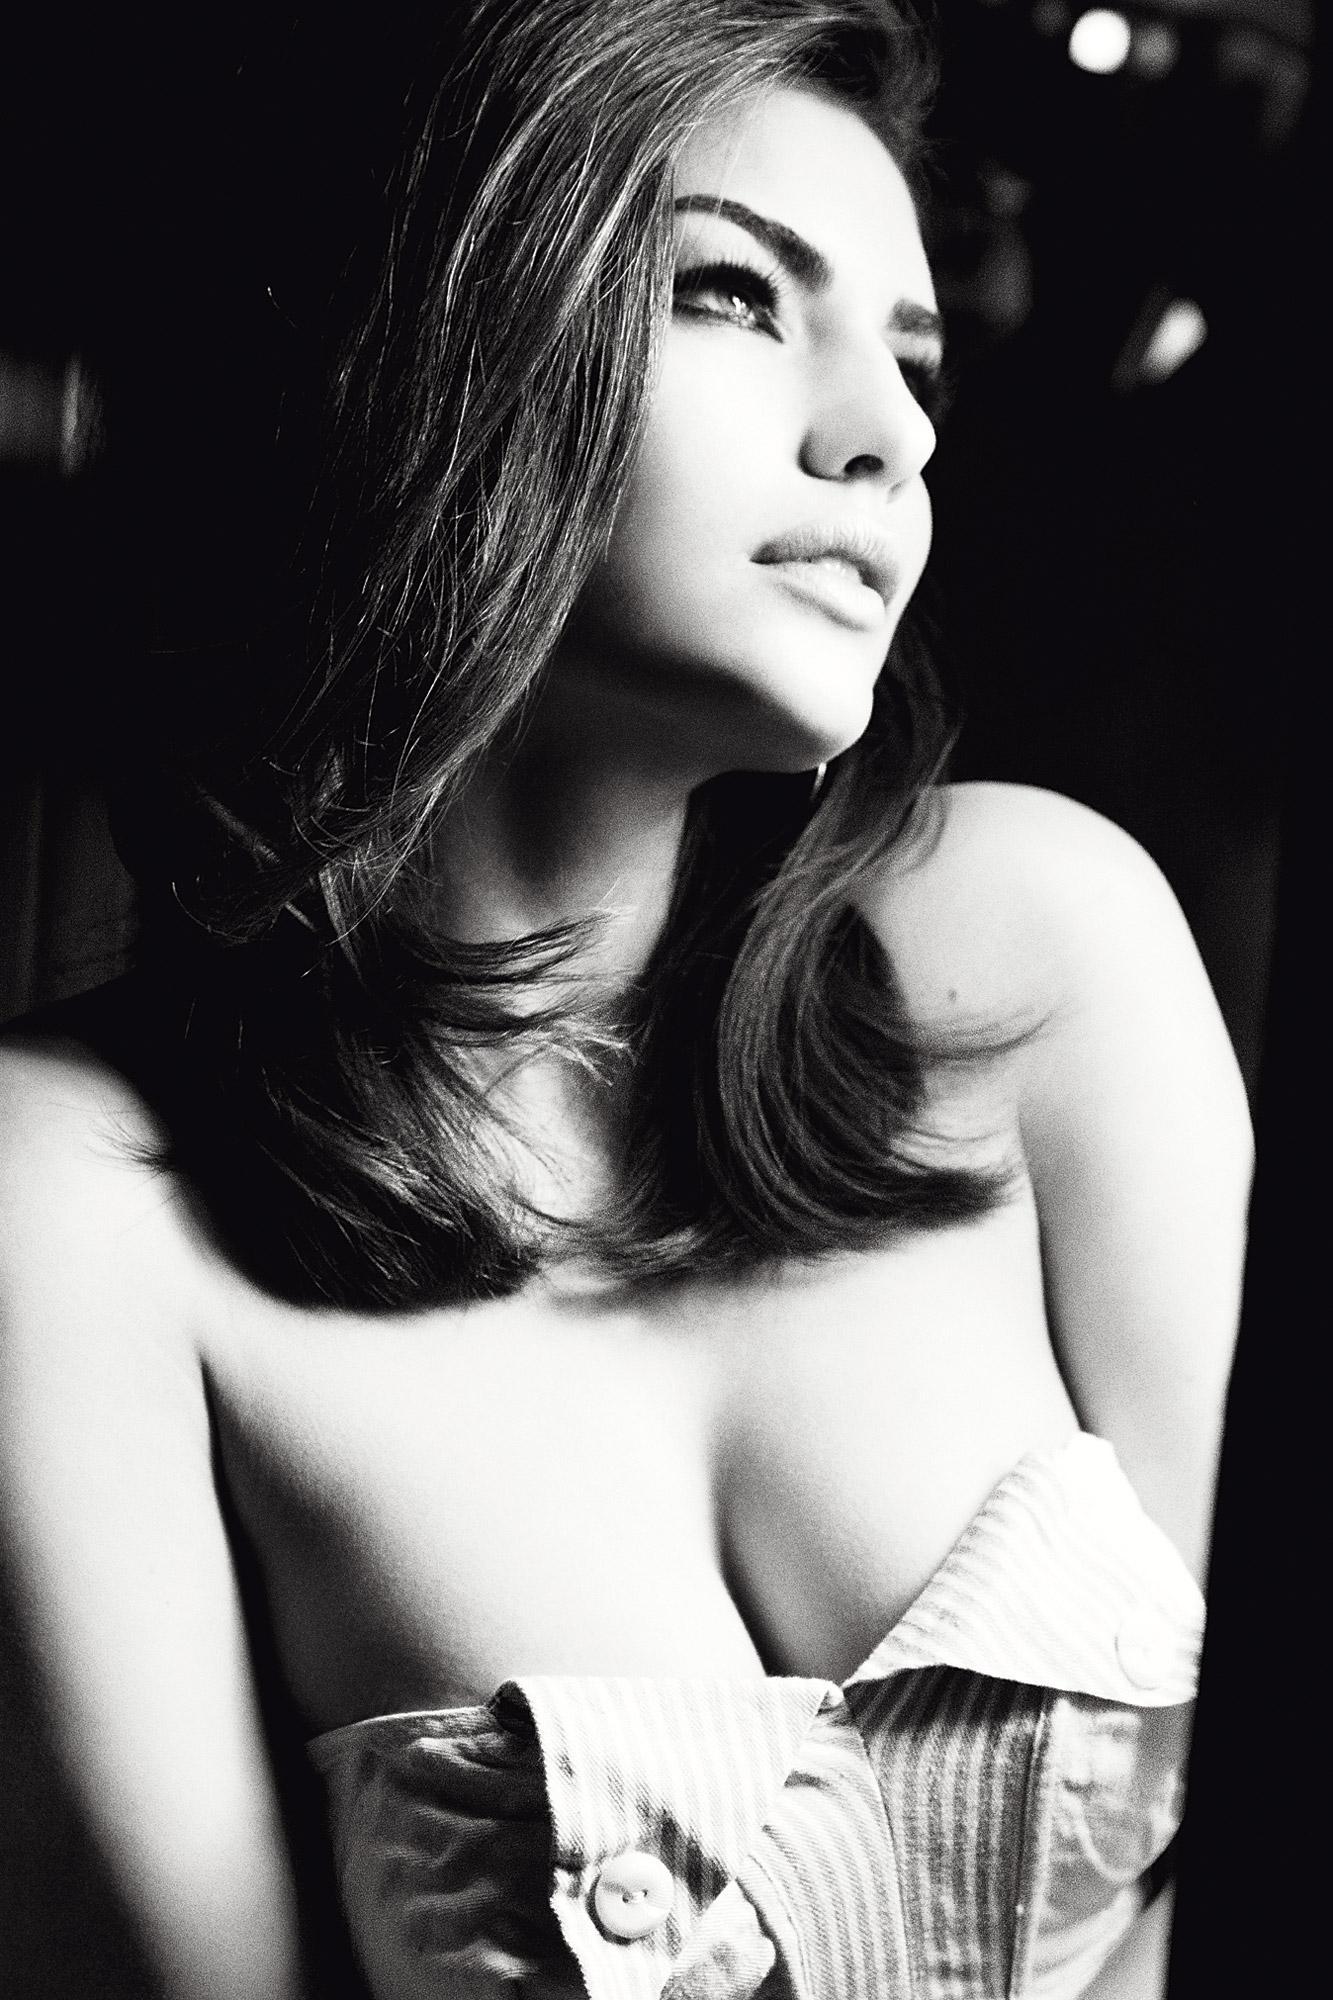 Чёрно белые фотографии красивых девушек 5 фотография